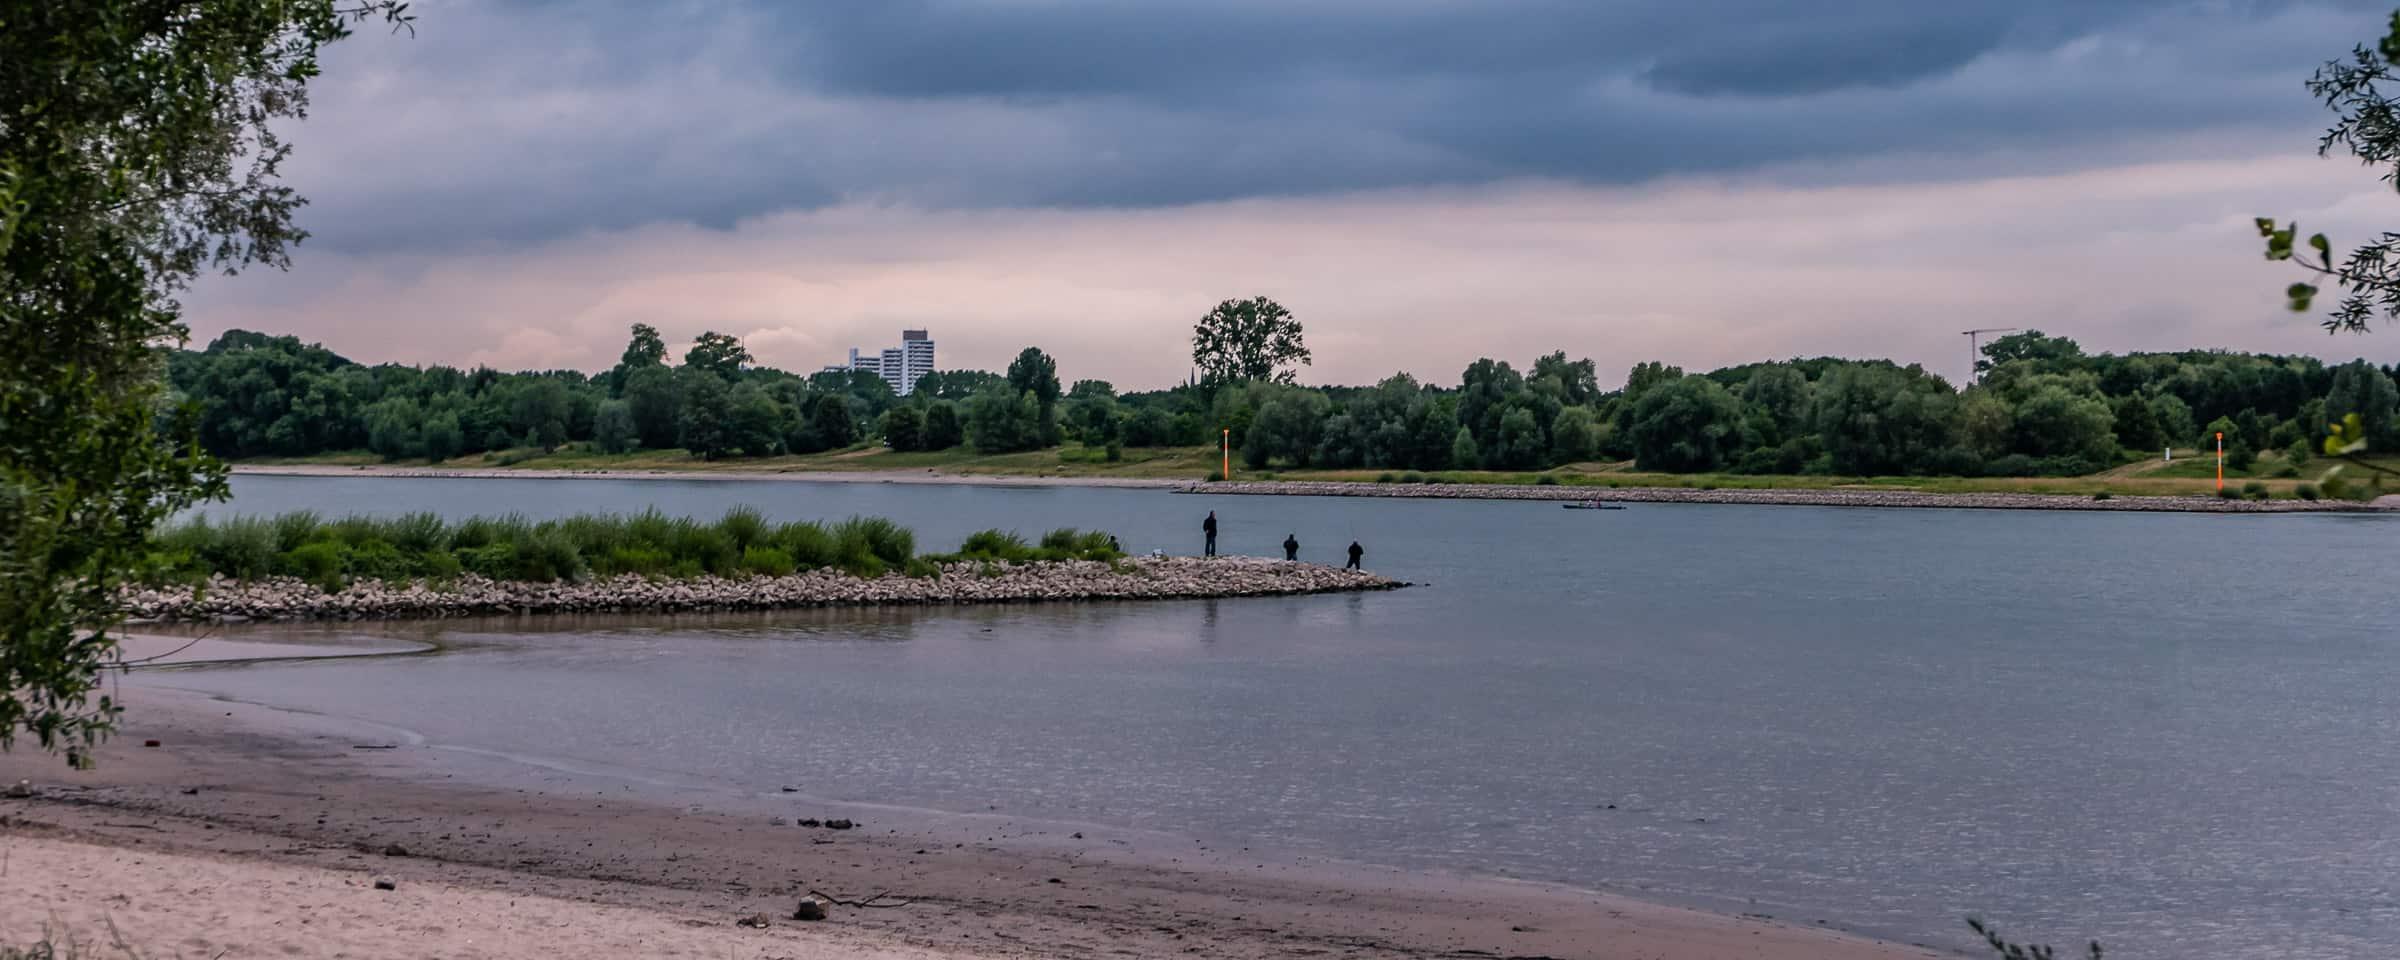 Het strand bij de stadscamping in Keulen